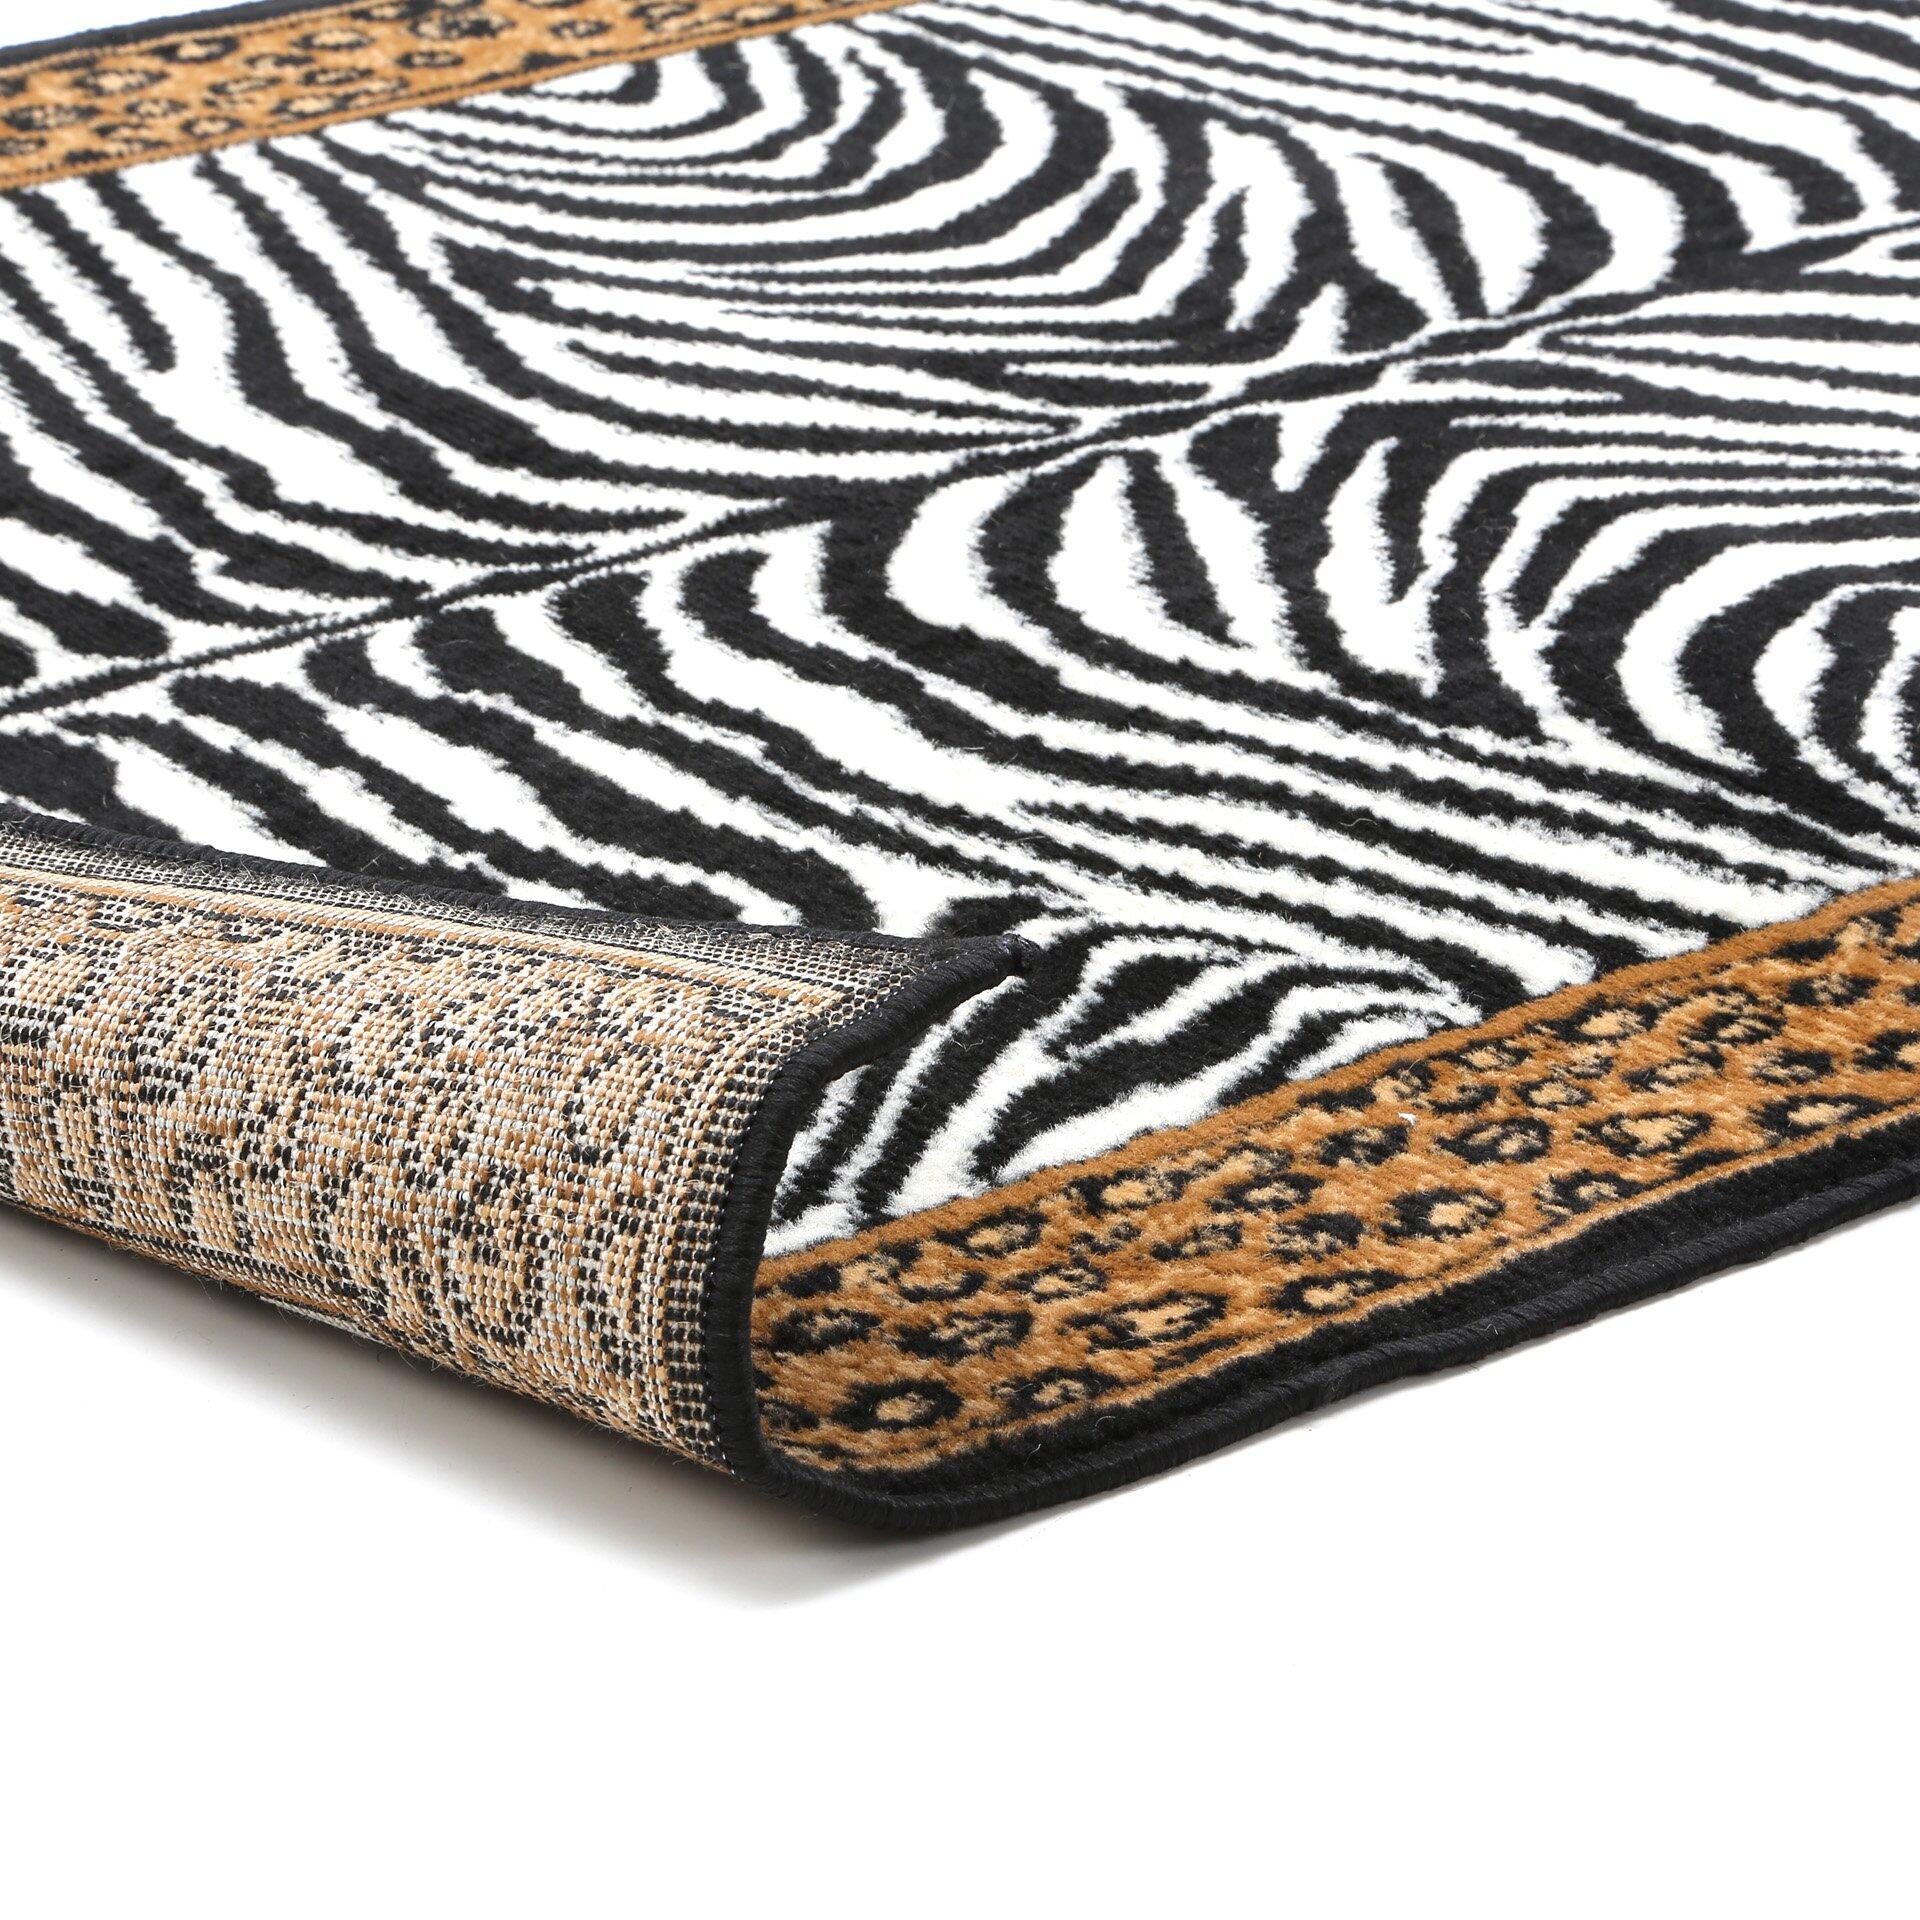 Animal Print Rug Wayfair: Home Dynamix Animal Area Rug & Reviews